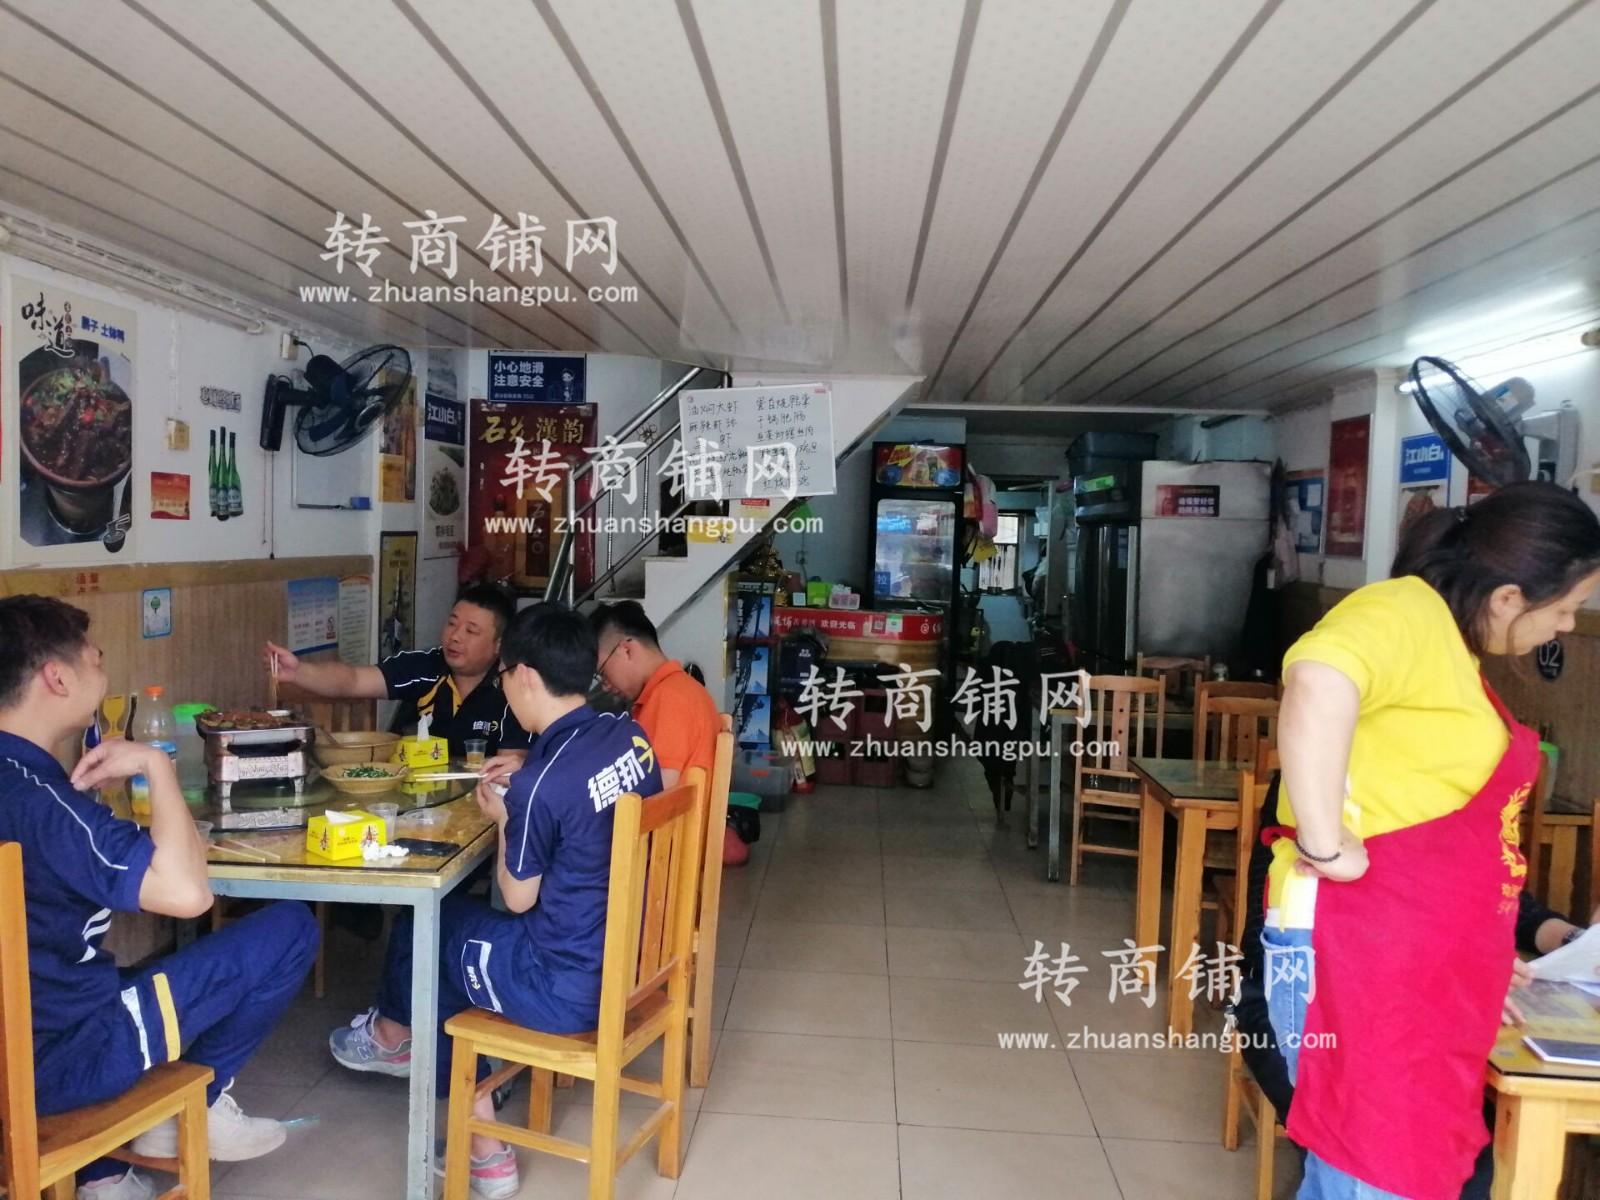 蔡甸小区口临街餐馆急转